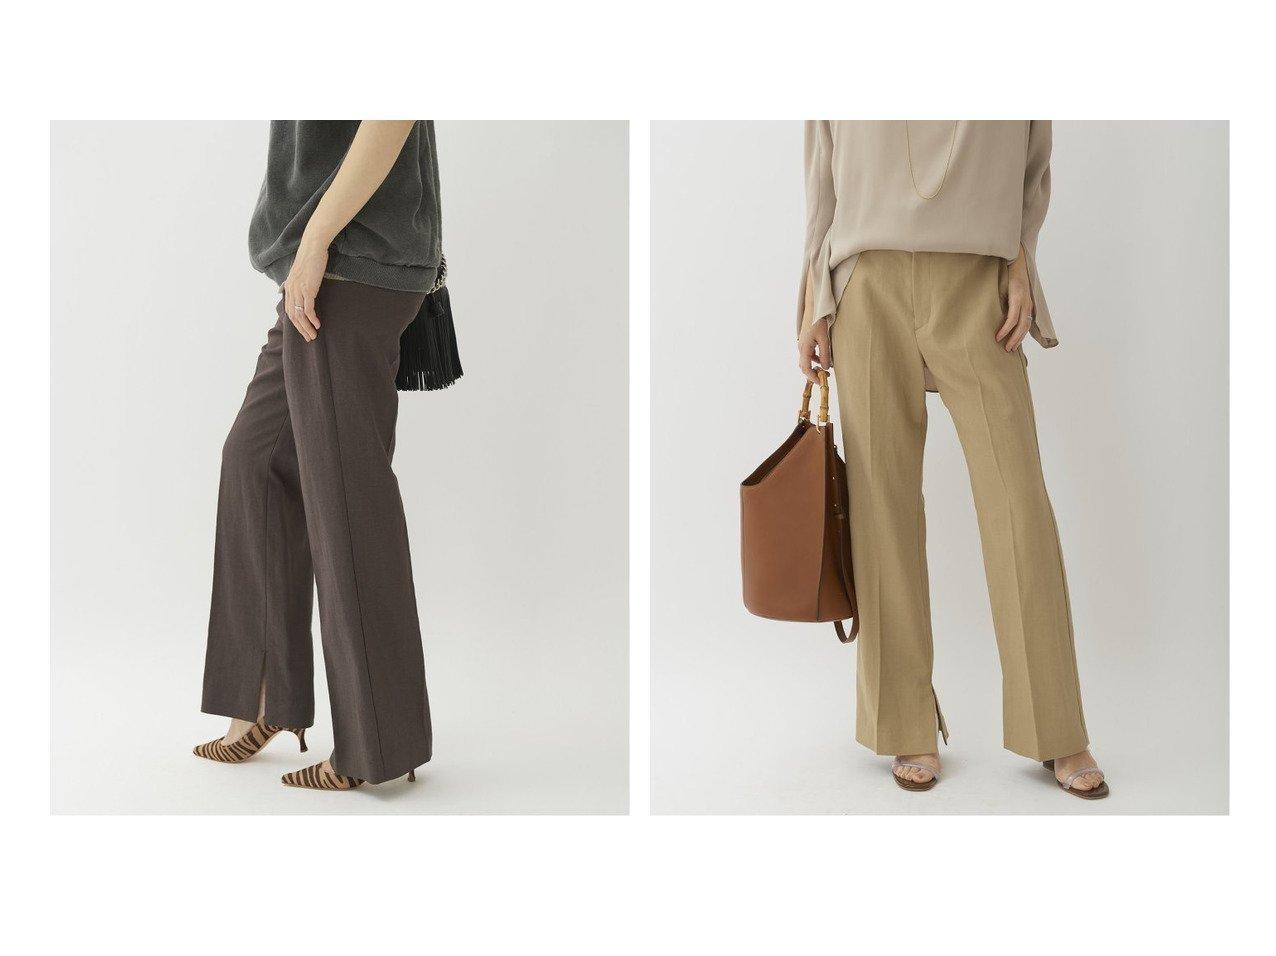 【Plage/プラージュ】のスラブサイドスリットパンツ パンツのおすすめ!人気、トレンド・レディースファッションの通販 おすすめで人気の流行・トレンド、ファッションの通販商品 メンズファッション・キッズファッション・インテリア・家具・レディースファッション・服の通販 founy(ファニー) https://founy.com/ ファッション Fashion レディースファッション WOMEN パンツ Pants 2021年 2021 2021 春夏 S/S SS Spring/Summer 2021 S/S 春夏 SS Spring/Summer スリット フレア 再入荷 Restock/Back in Stock/Re Arrival |ID:crp329100000025260